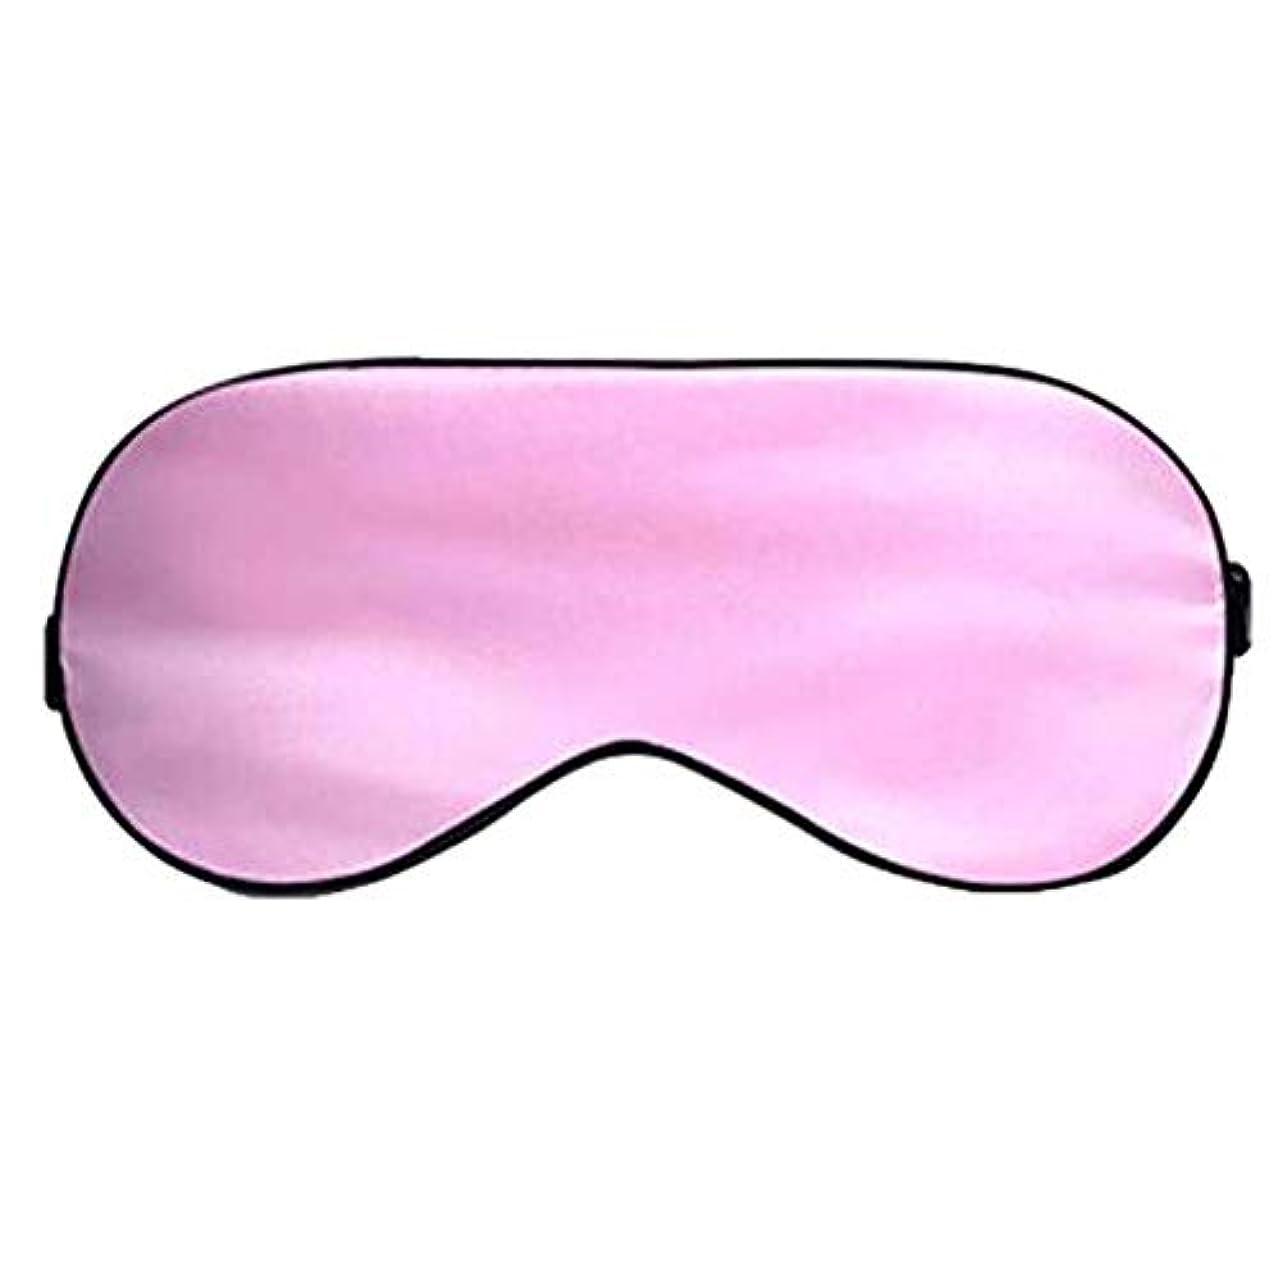 努力する関与する太字ピンクシルク睡眠アイシェッド睡眠アイマスク睡眠用調節可能なストラップ